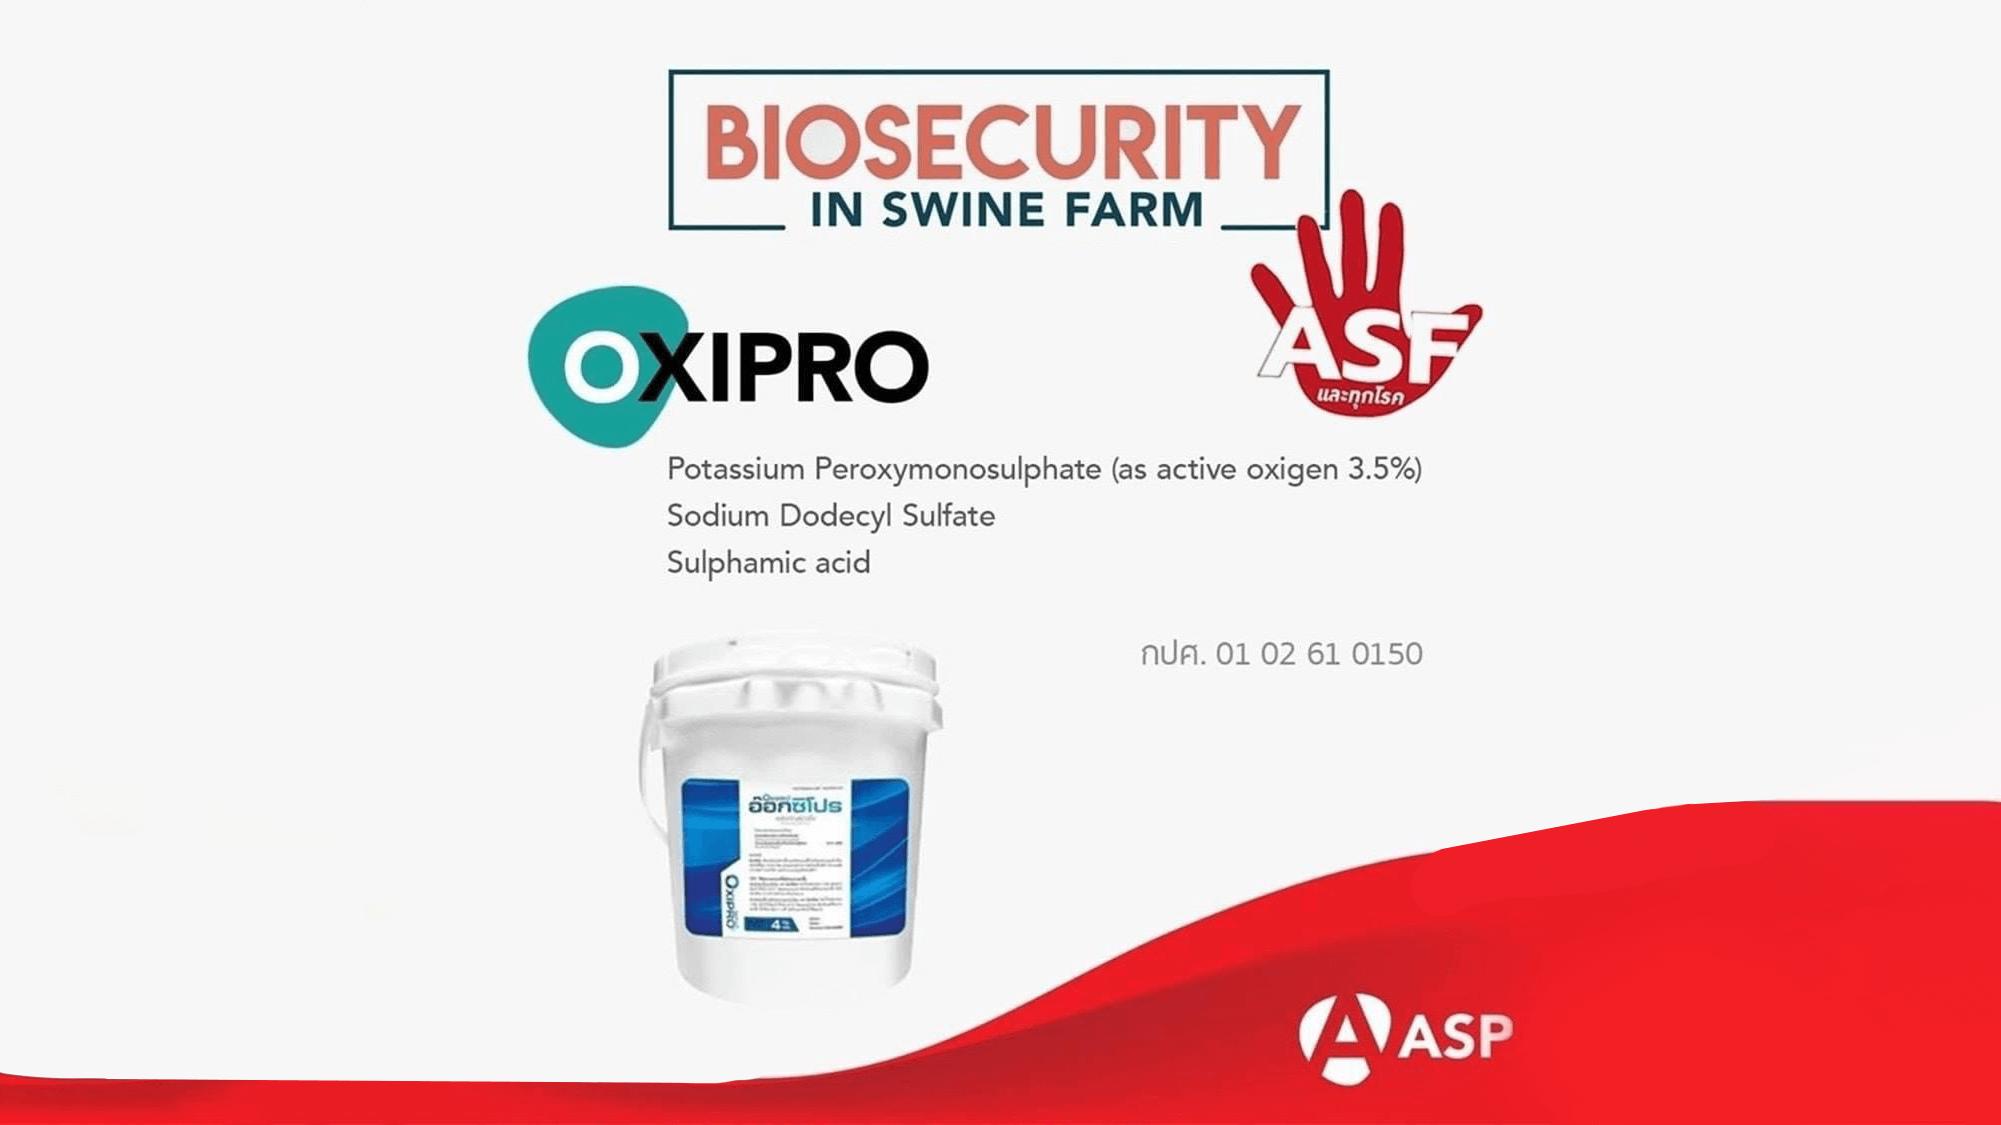 อ๊อคซิโปร ควบคุมปริมาณเชื้อก่อโรค และป้องกันความเสียหายในฟาร์มเลี้ยงสัตว์หรือโรงพยาบาลสัตว์อย่างมีประสิทธิภาพ